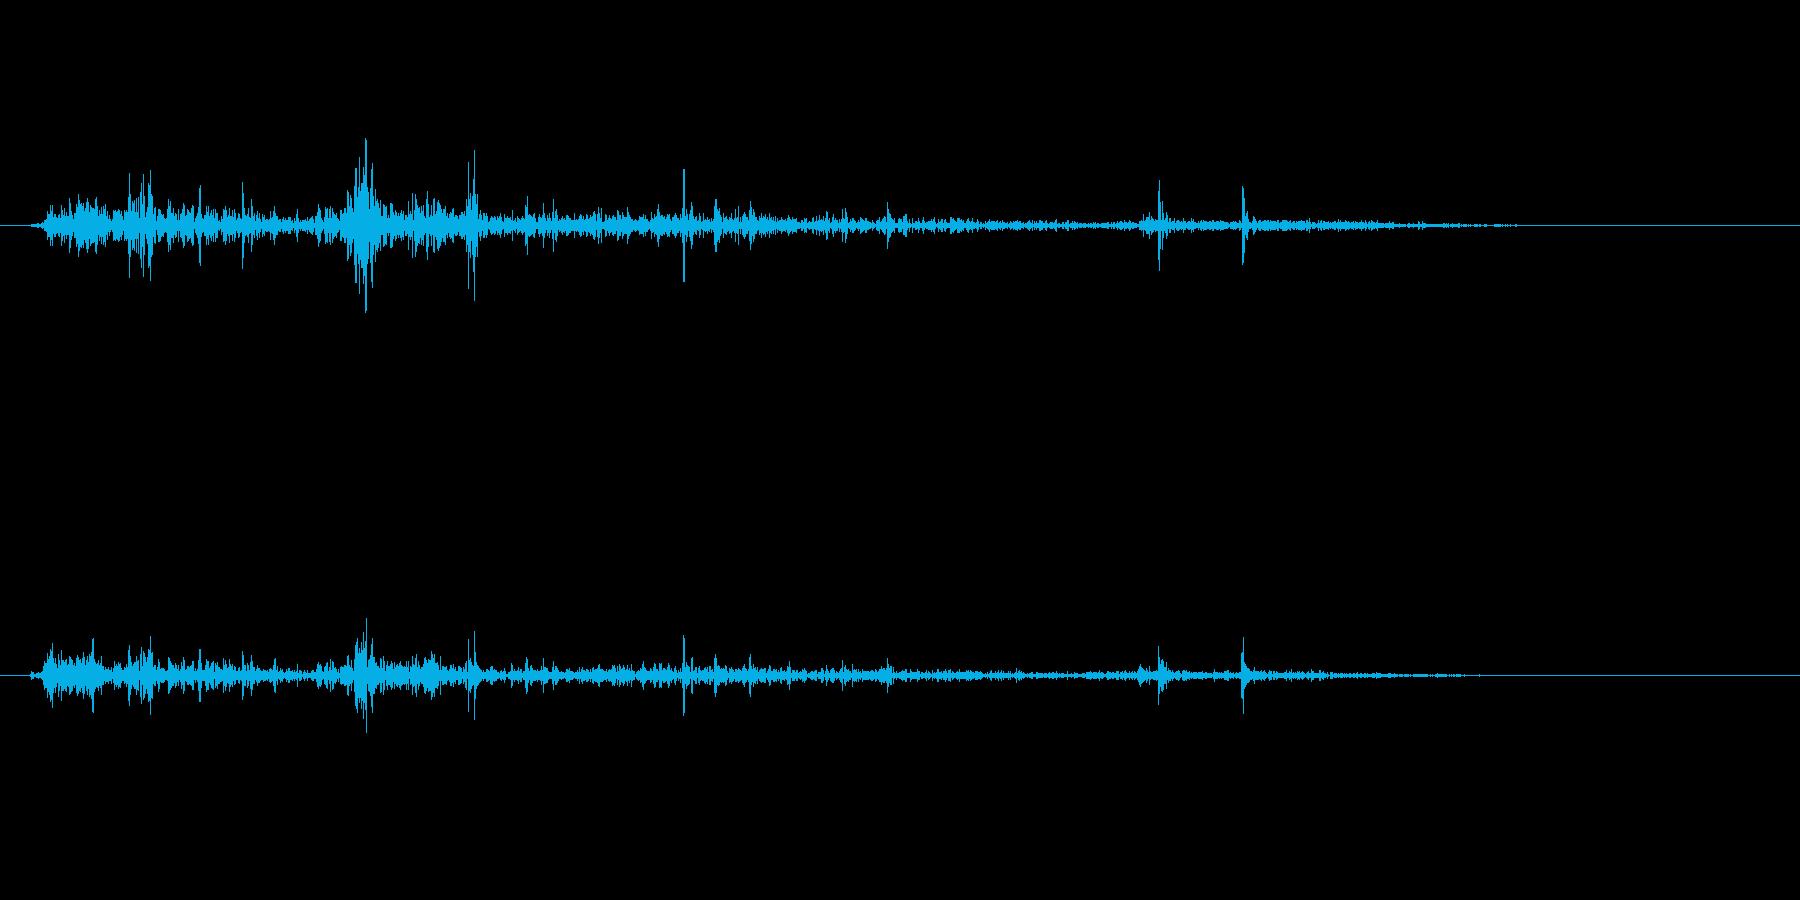 ゴリゴリゴリ(物音)の再生済みの波形